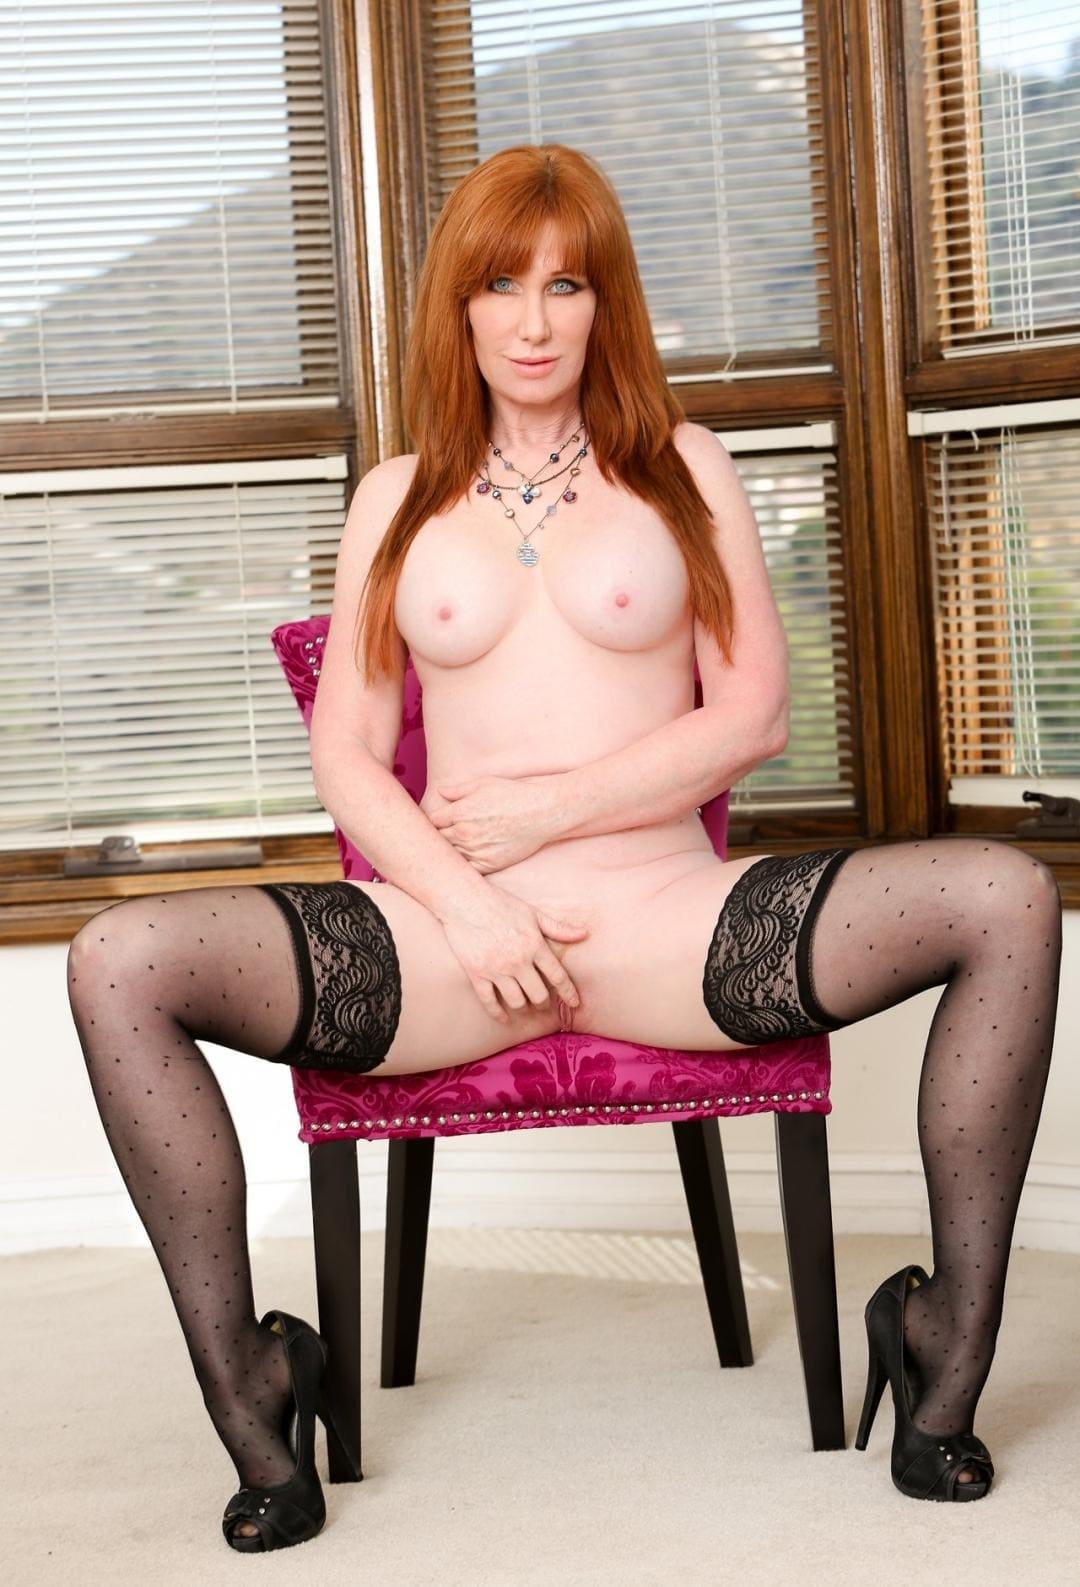 голая зрелая рыжая на стуле сидит раздвинула ноги в чулках на каблуке мастурбирует, на шее колье